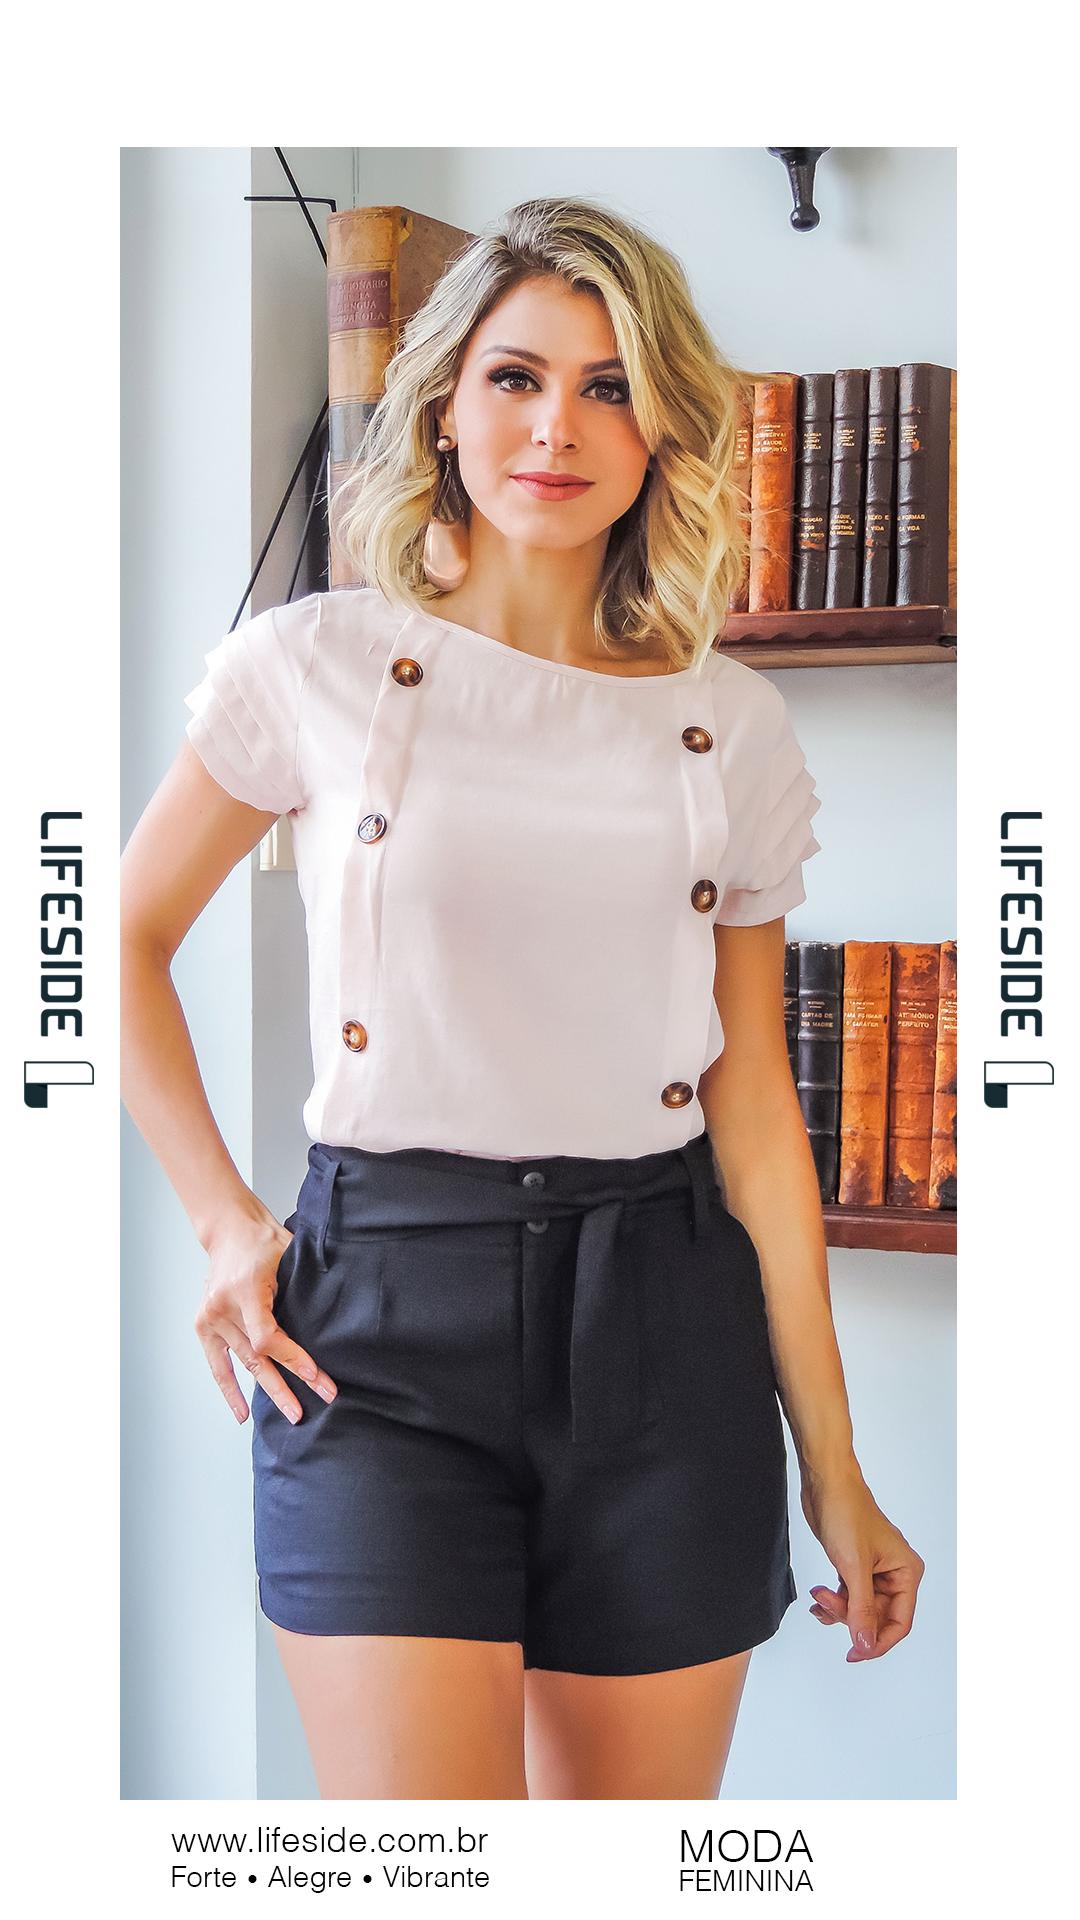 f0c506b2e LIFESIDE, Moda Feminina Primavera Verão 2019. Blusa nude com botões  frontais. Short em